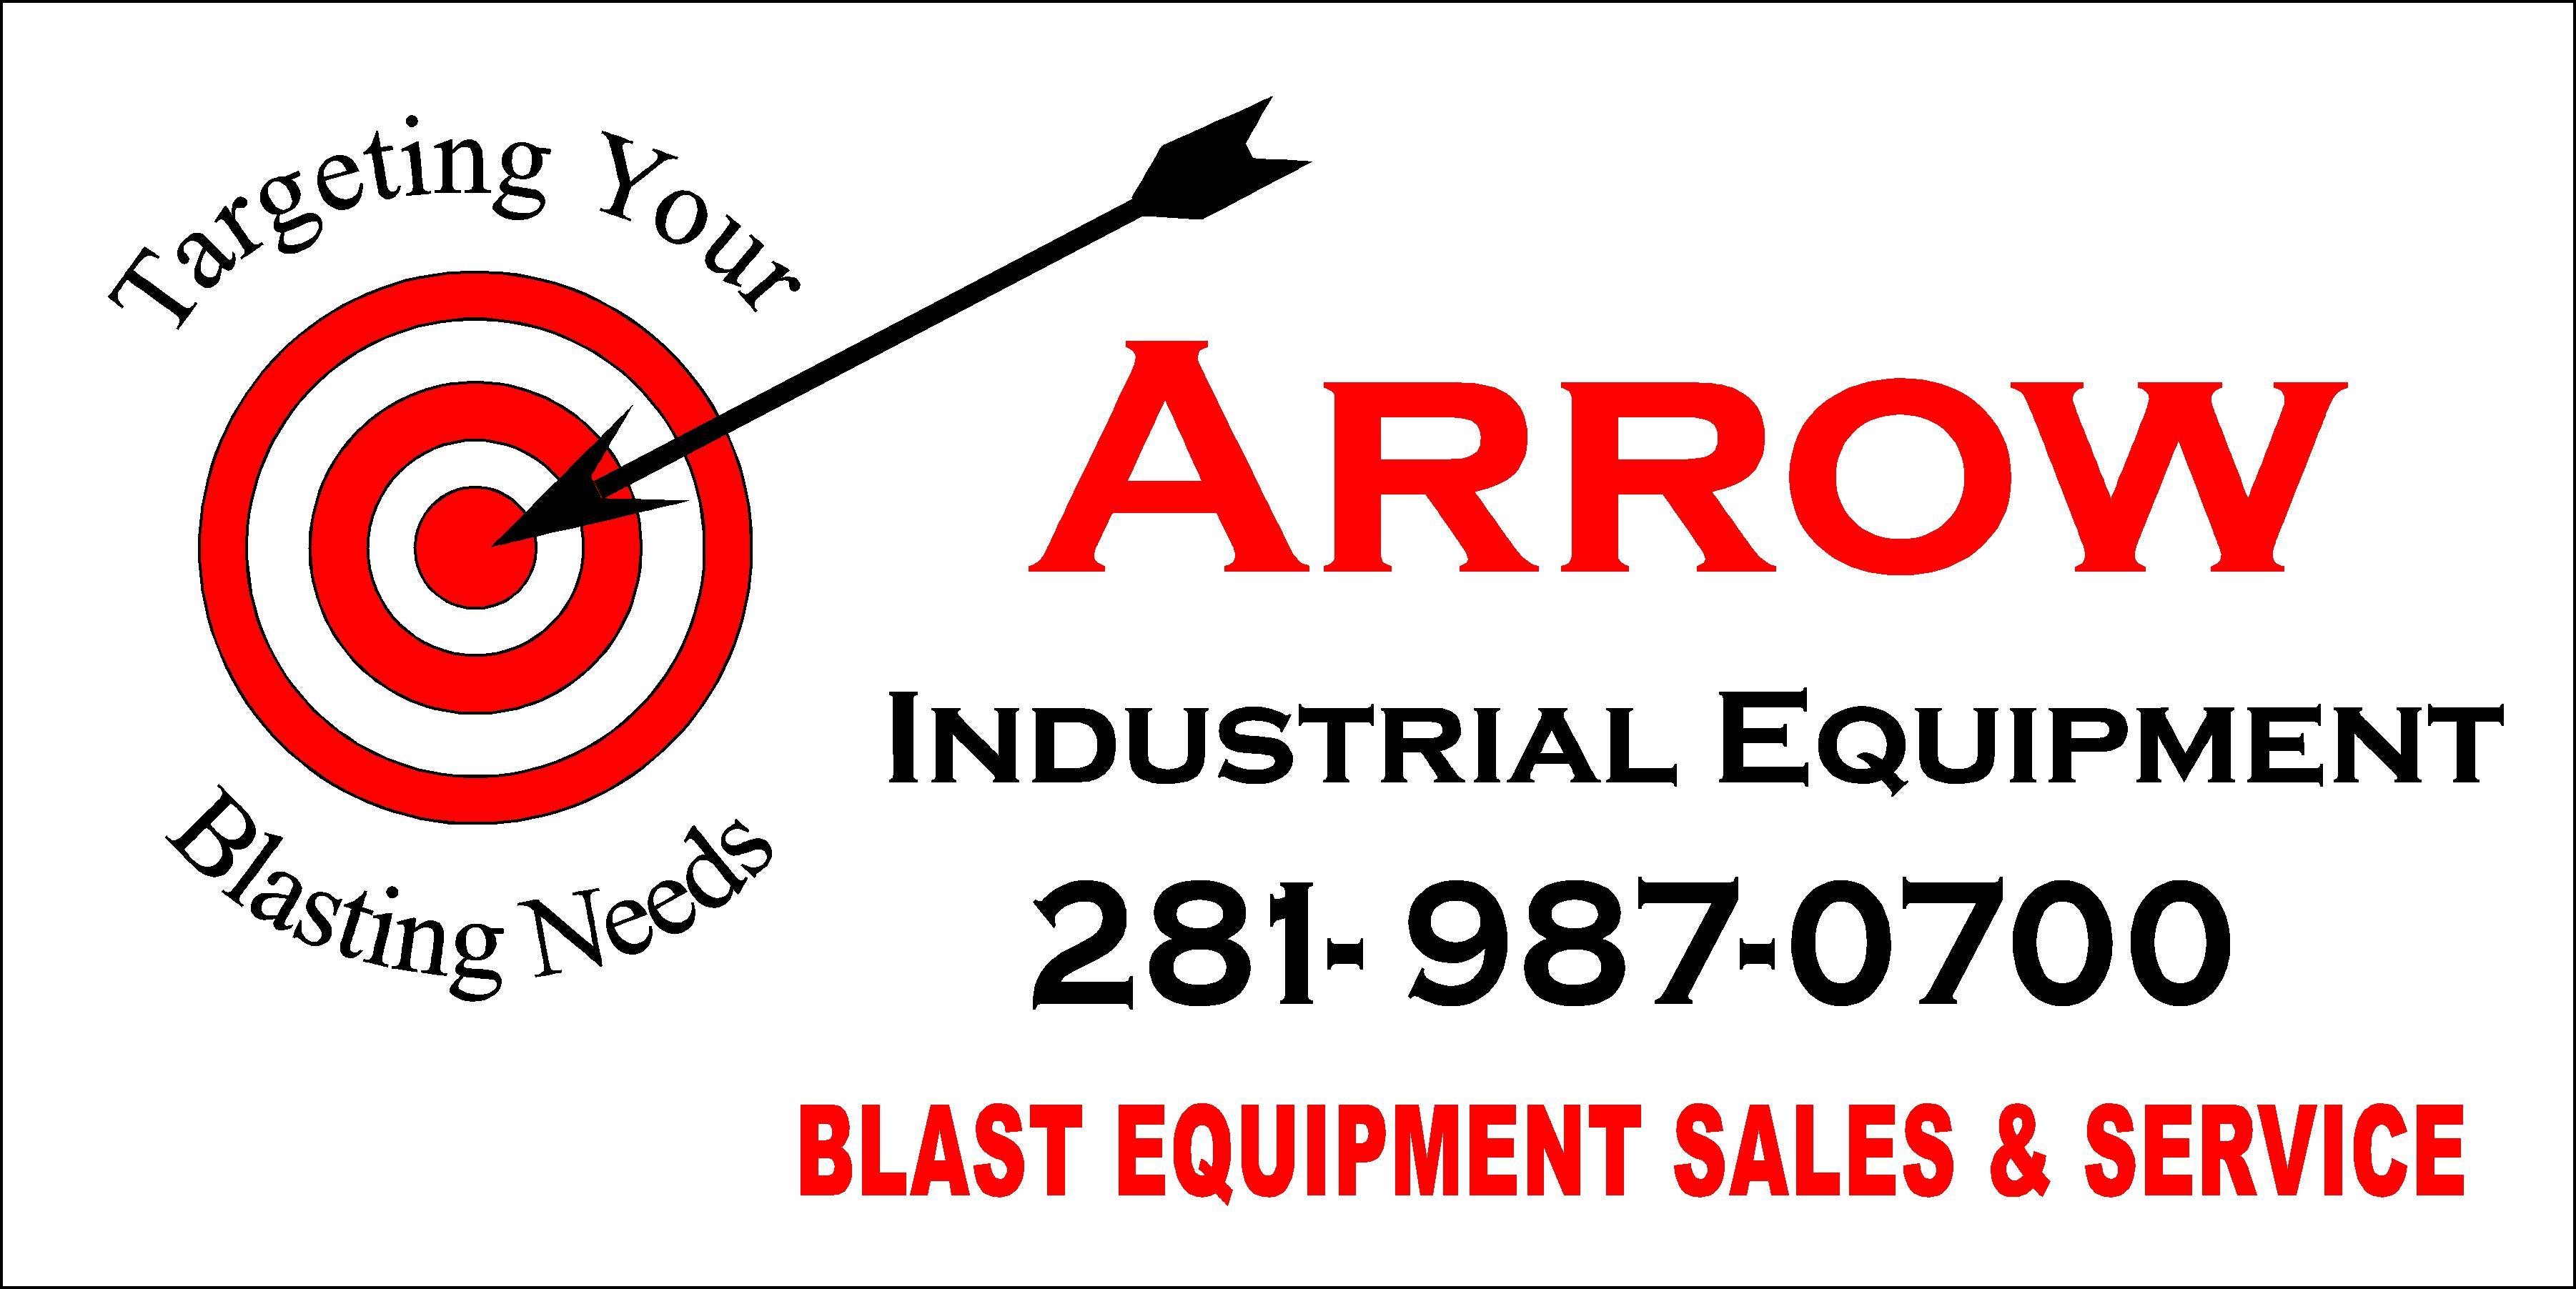 Arrow Industrial Equipment image 1